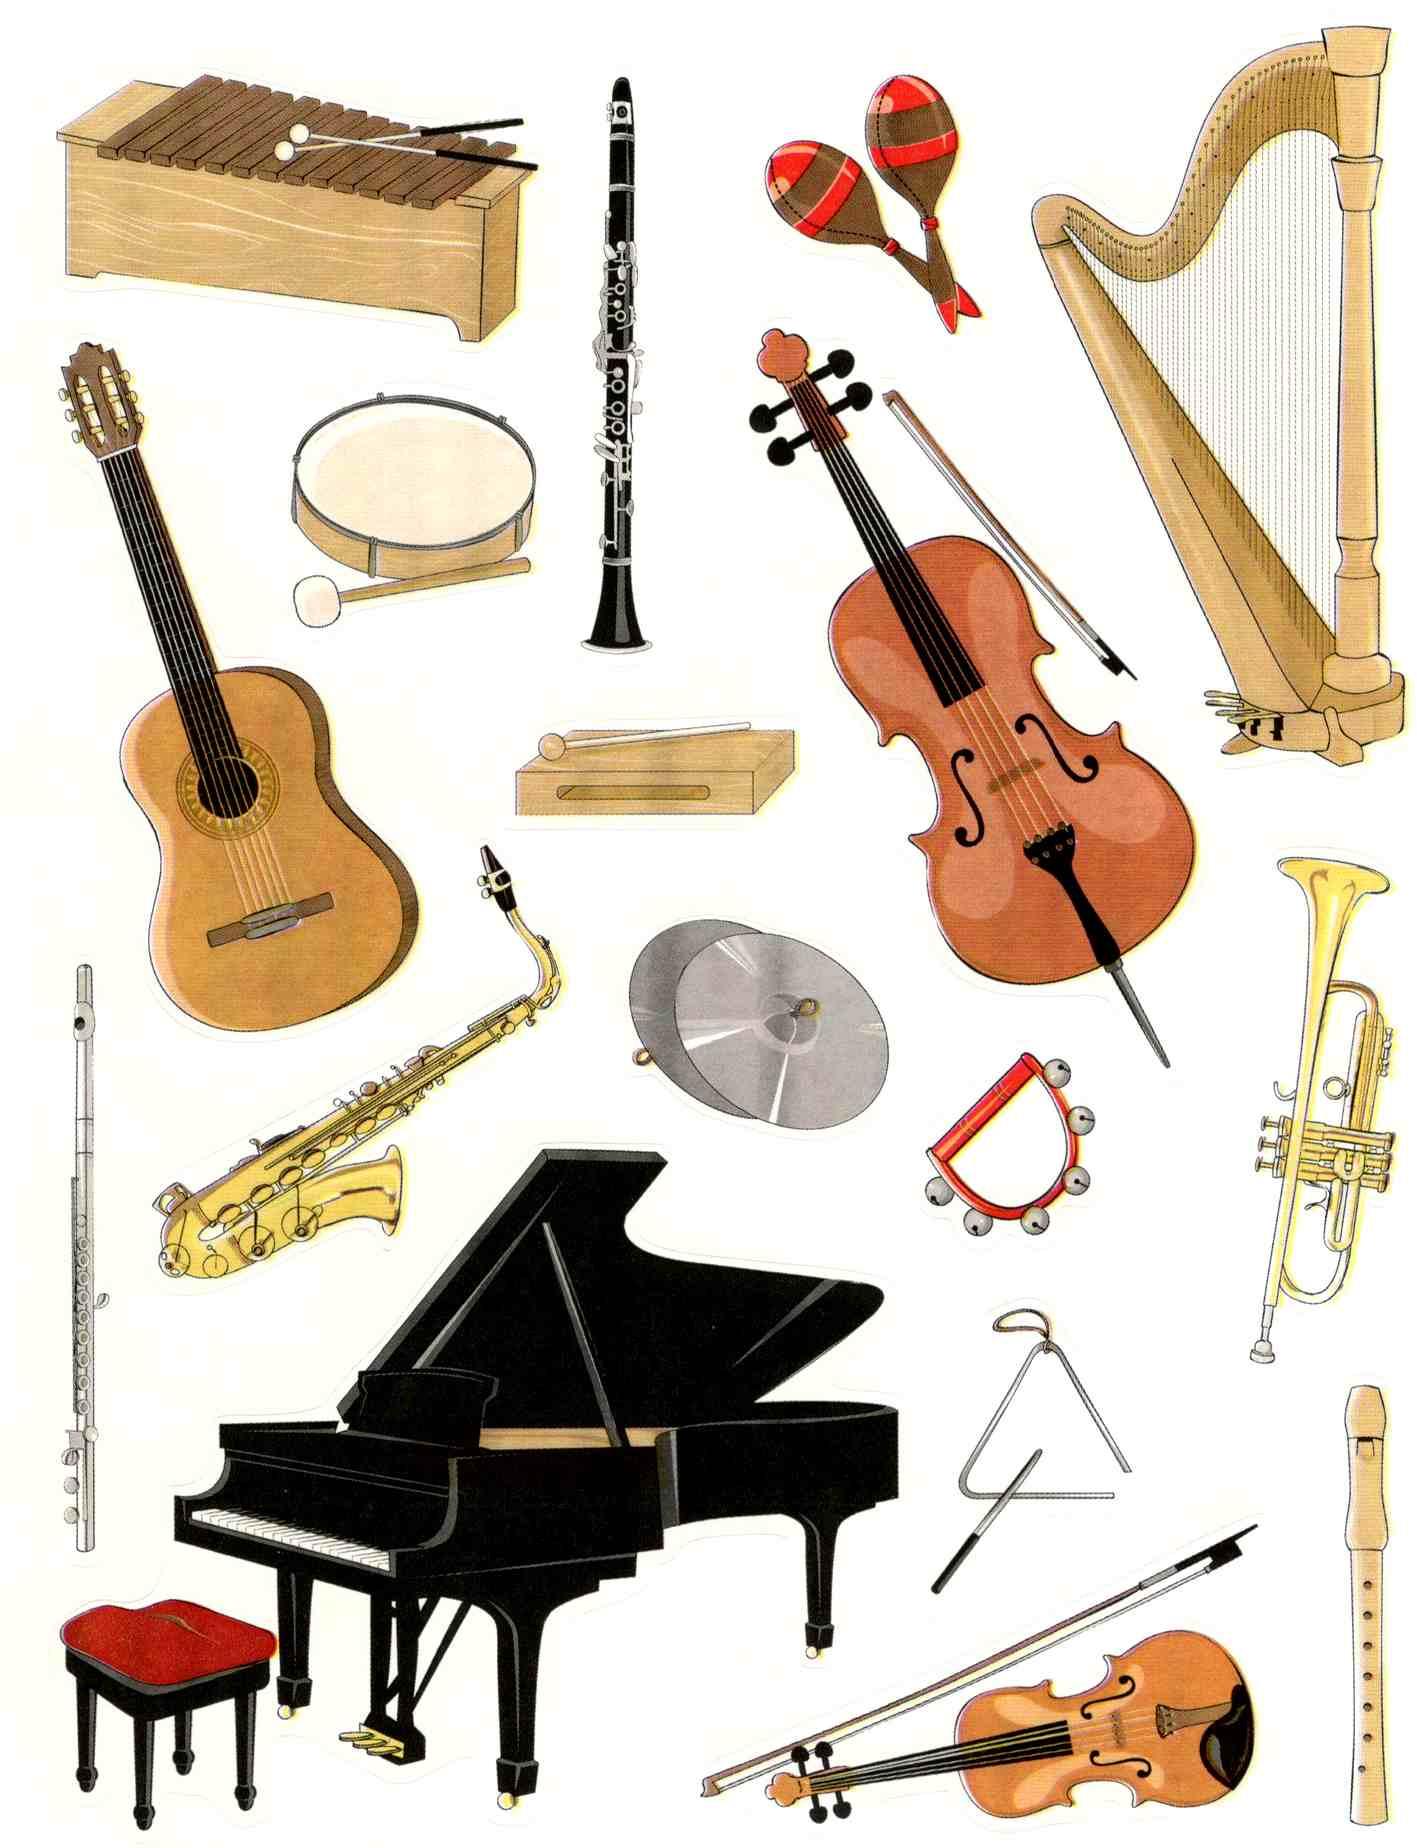 Gommettes instruments de musique gommettes enfants gommettes fantaisie magommette - Image instrument de musique a colorier ...